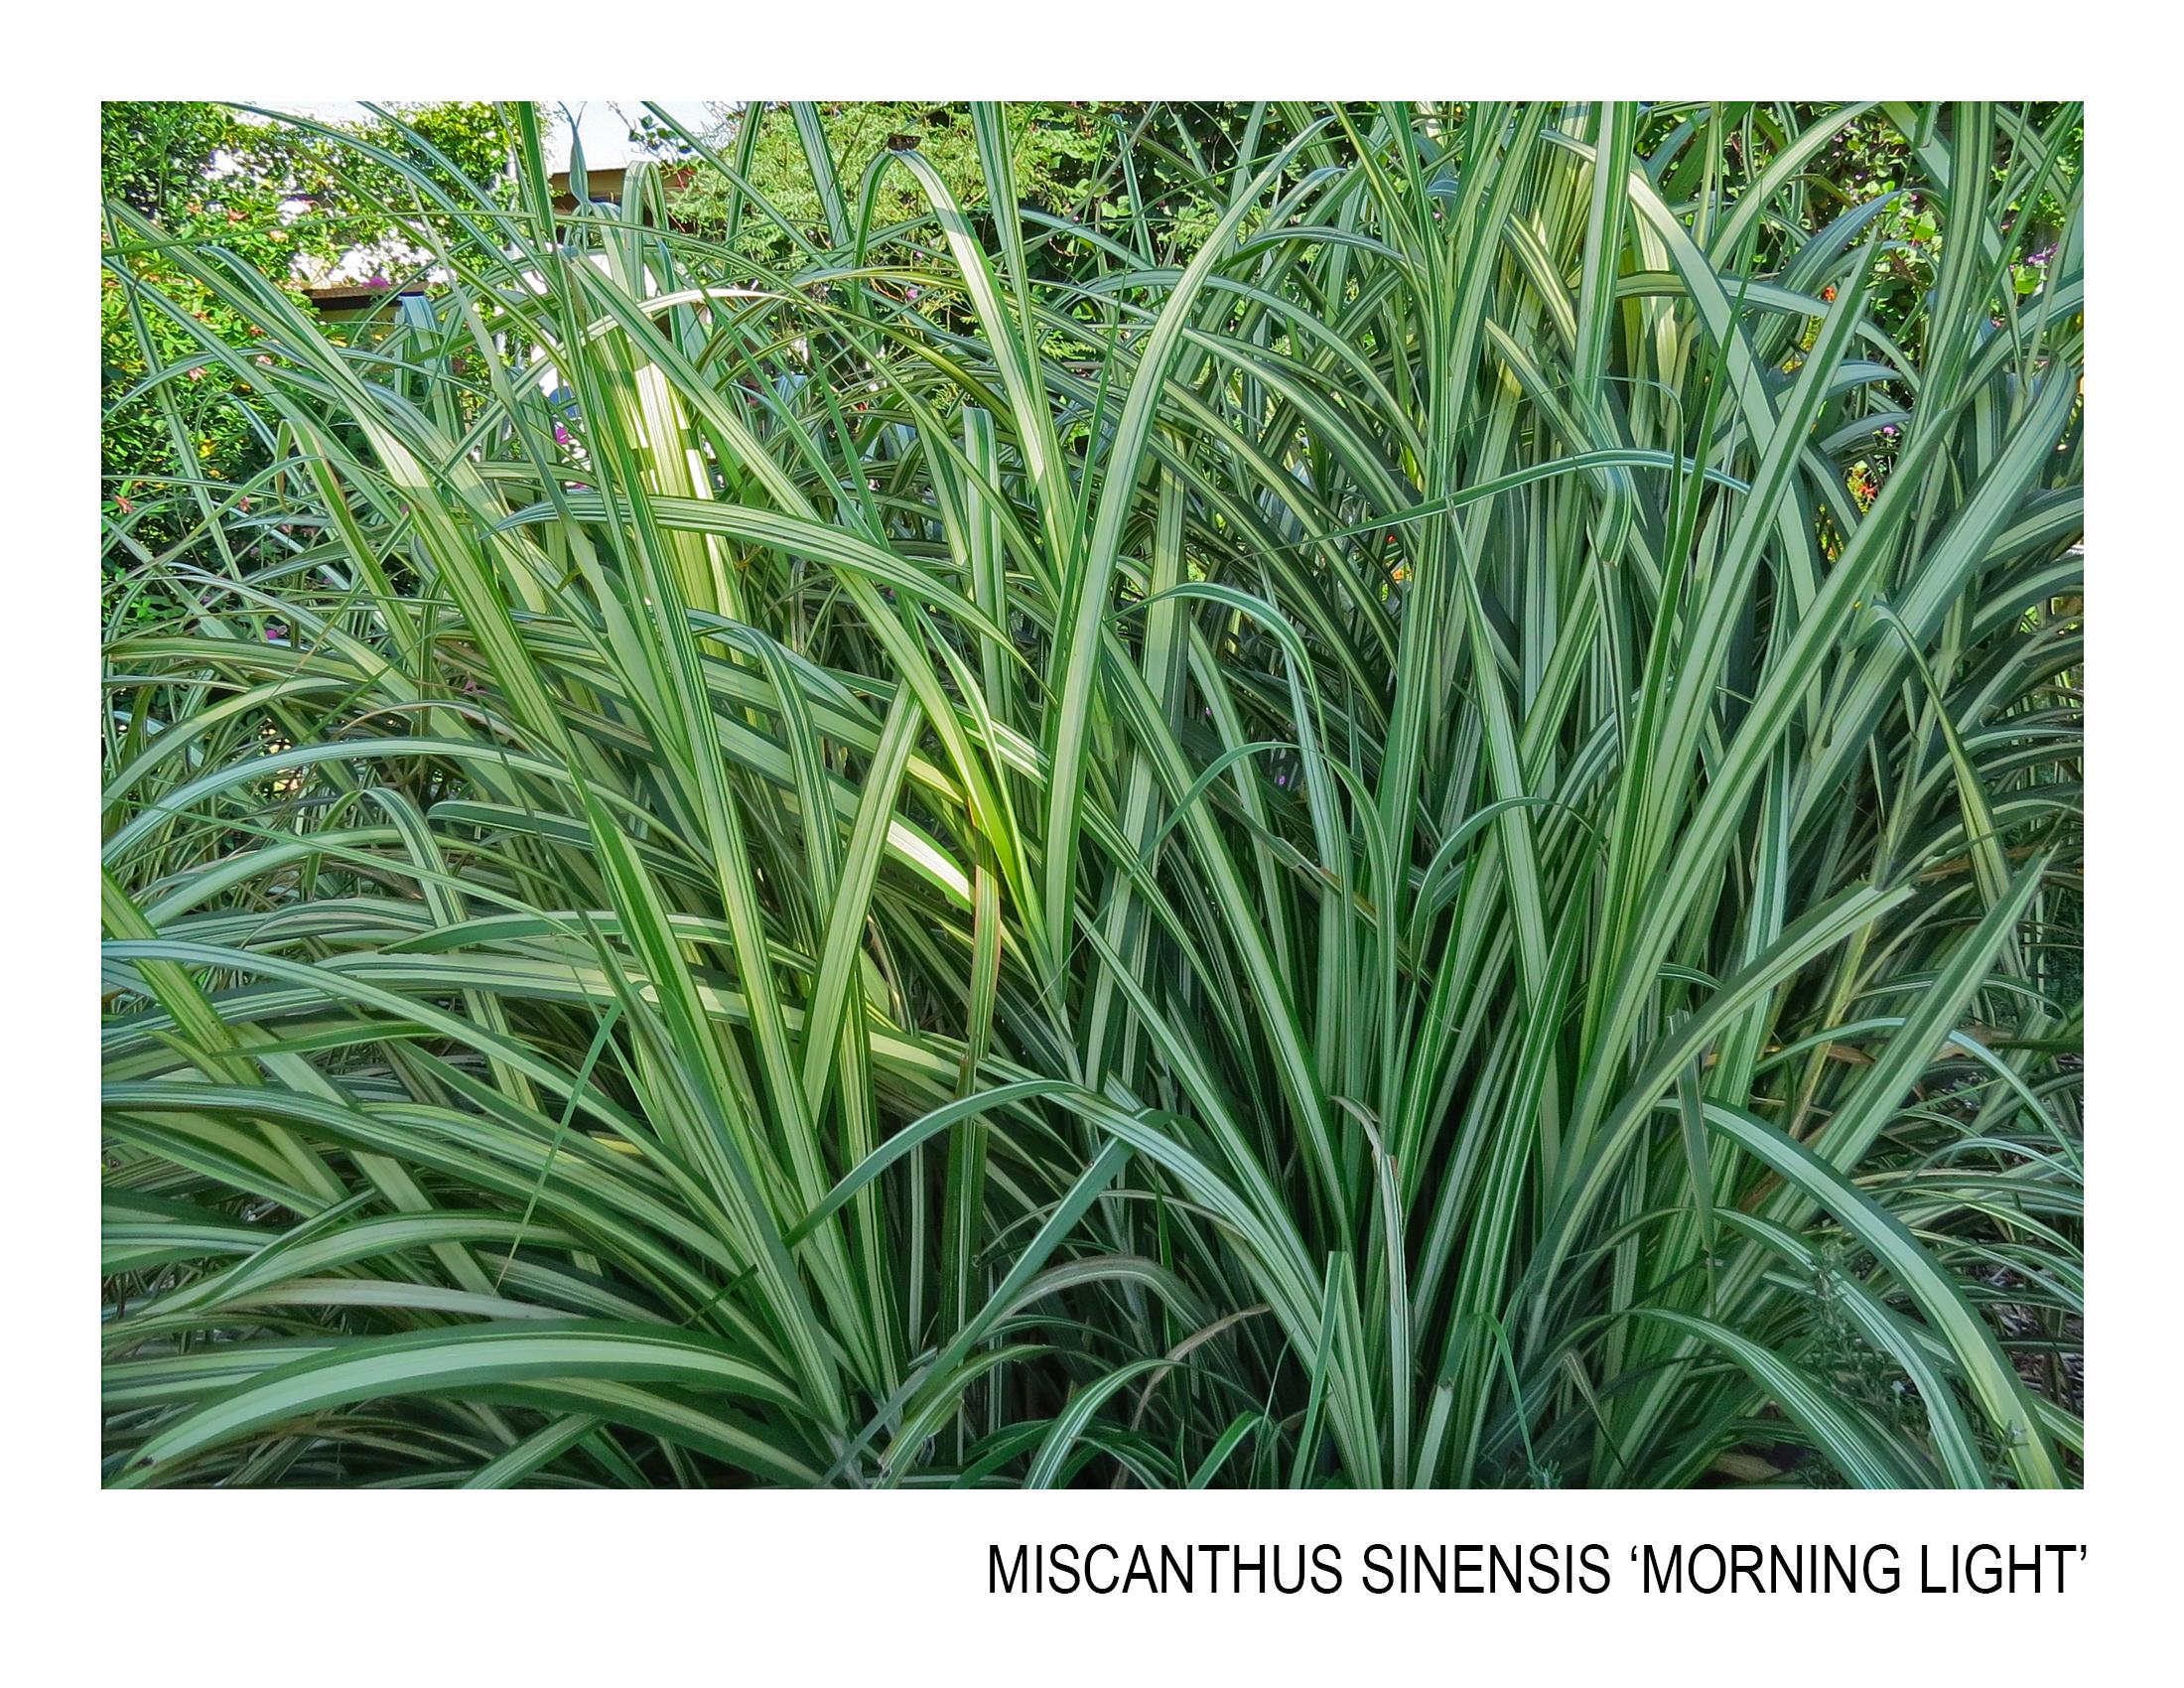 miscanthus sinensis 'morning light'.jpg